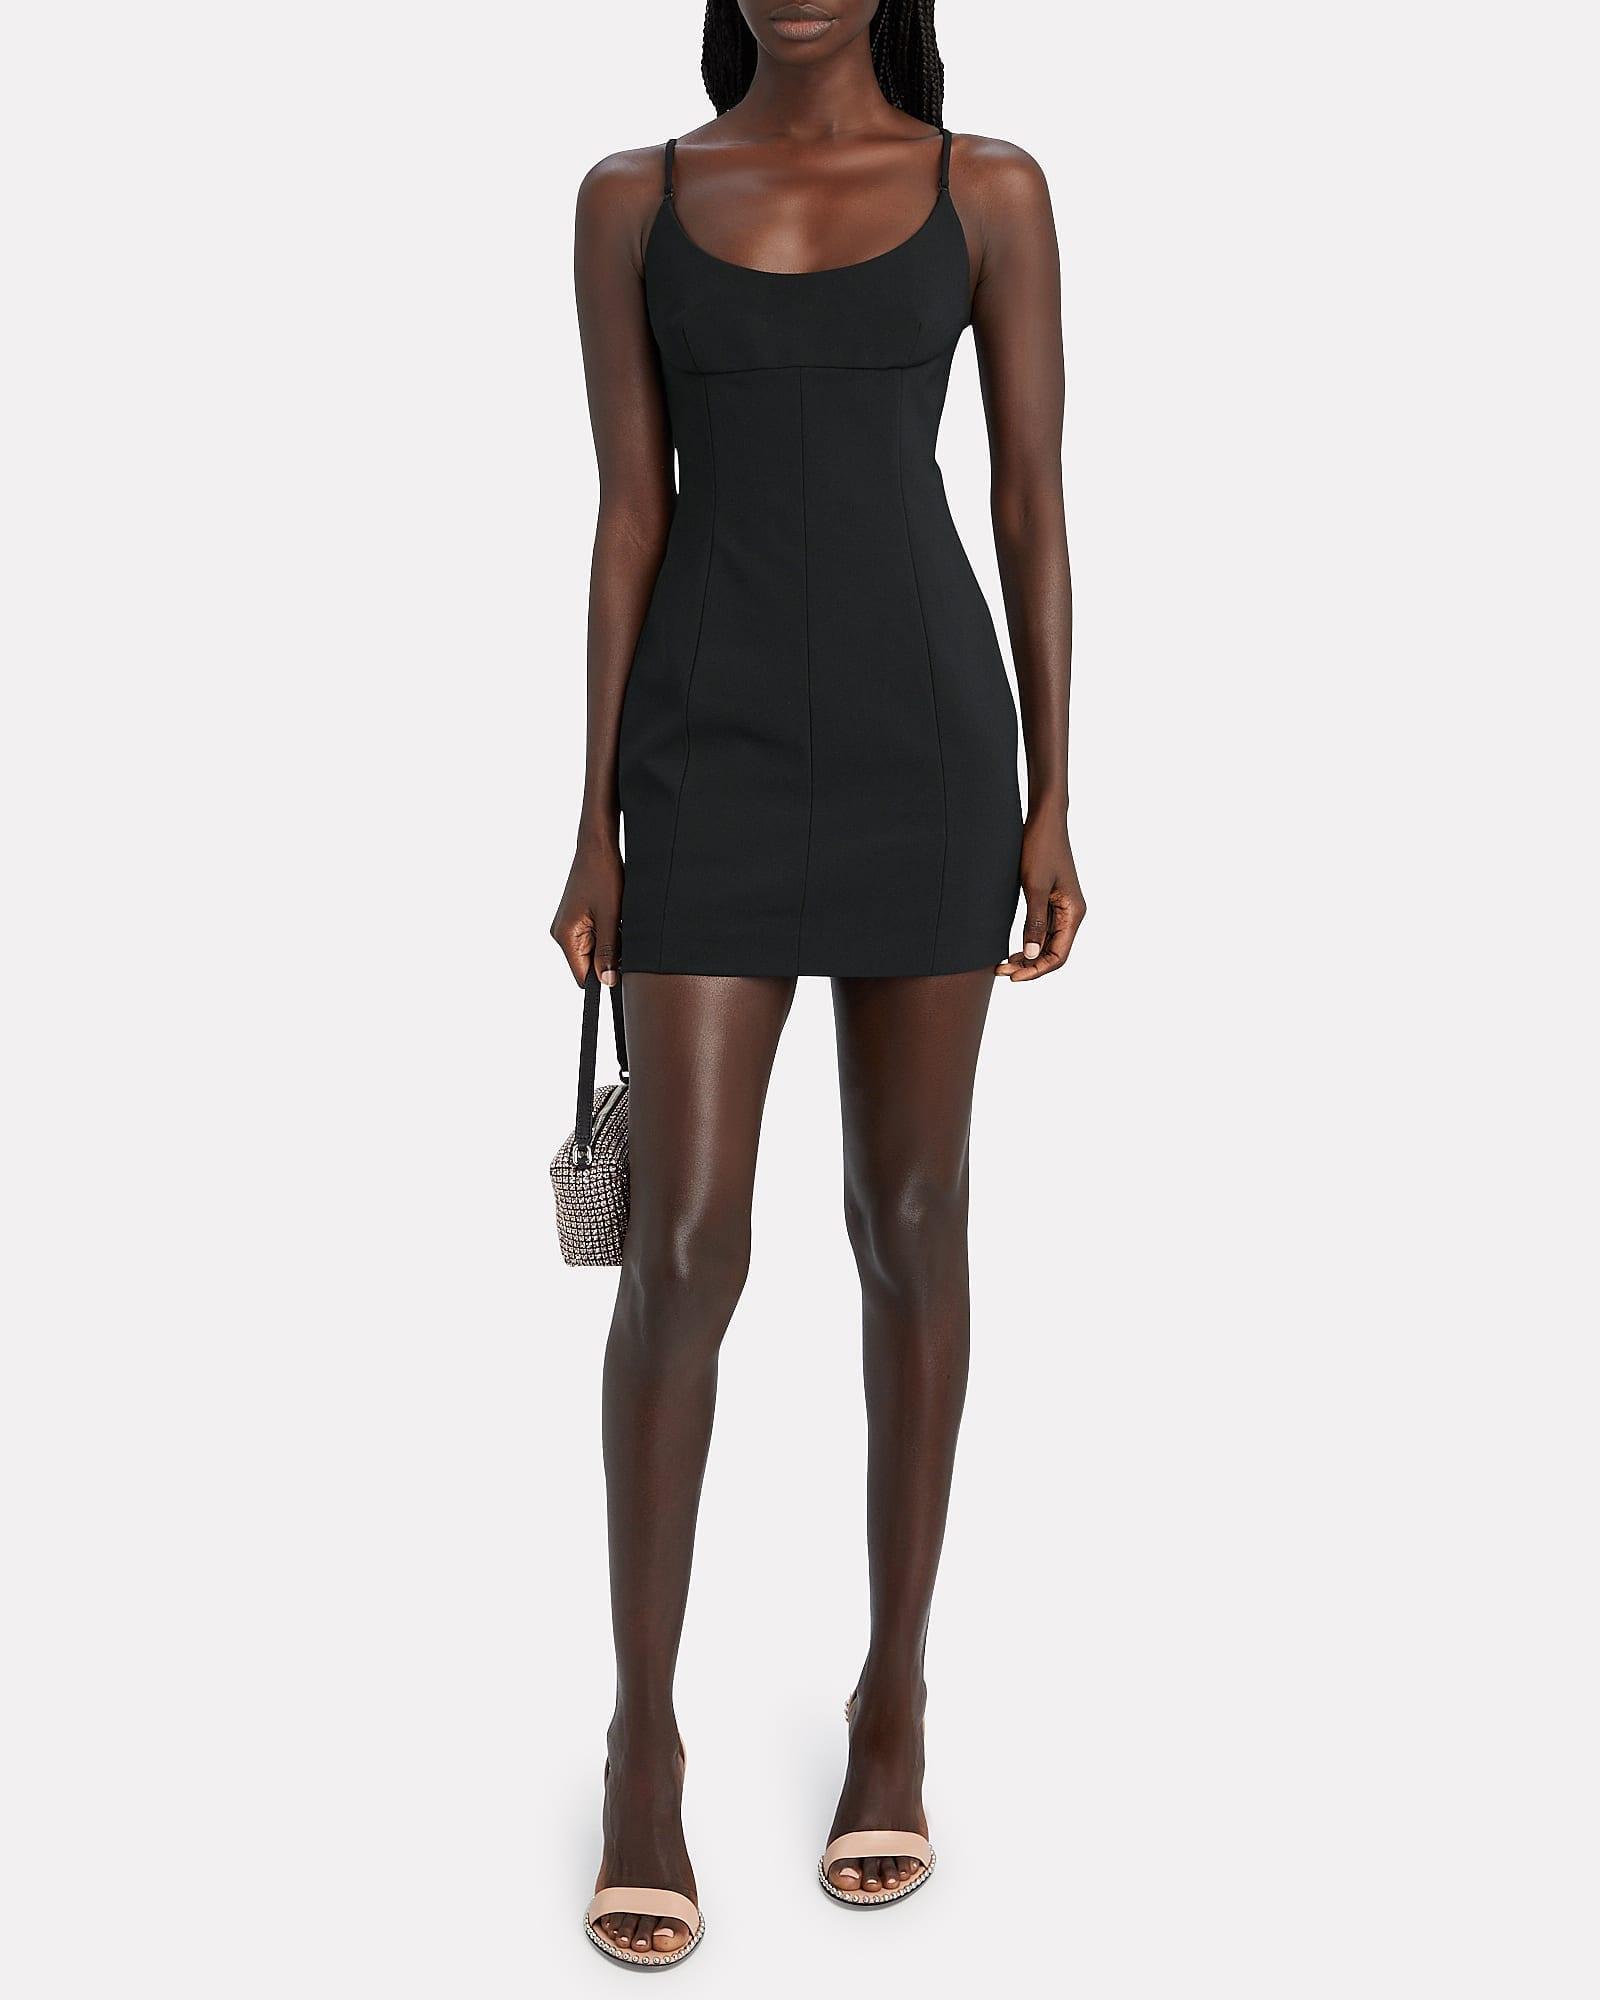 ALEXANDER WANG Crepe Mini Dress